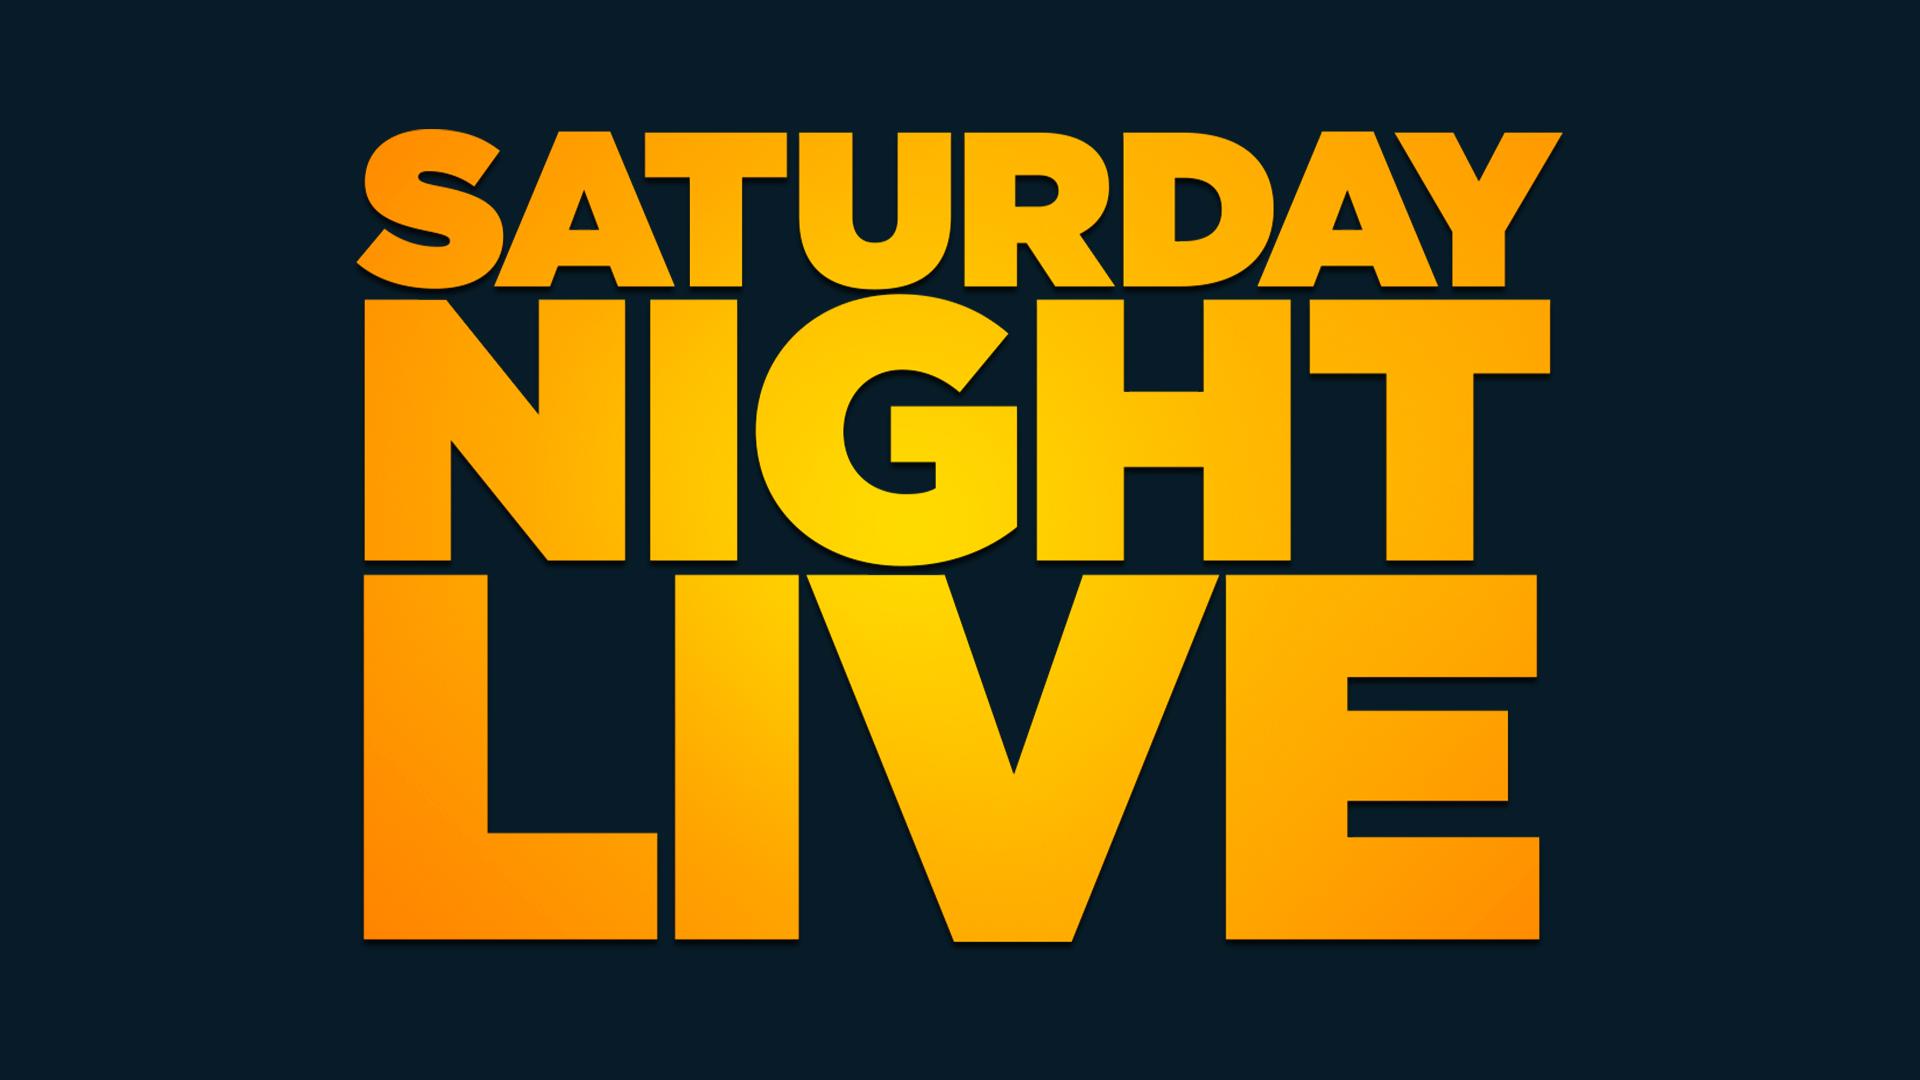 Saturday Night Live wallpaper 1920x1080 73705 1920x1080